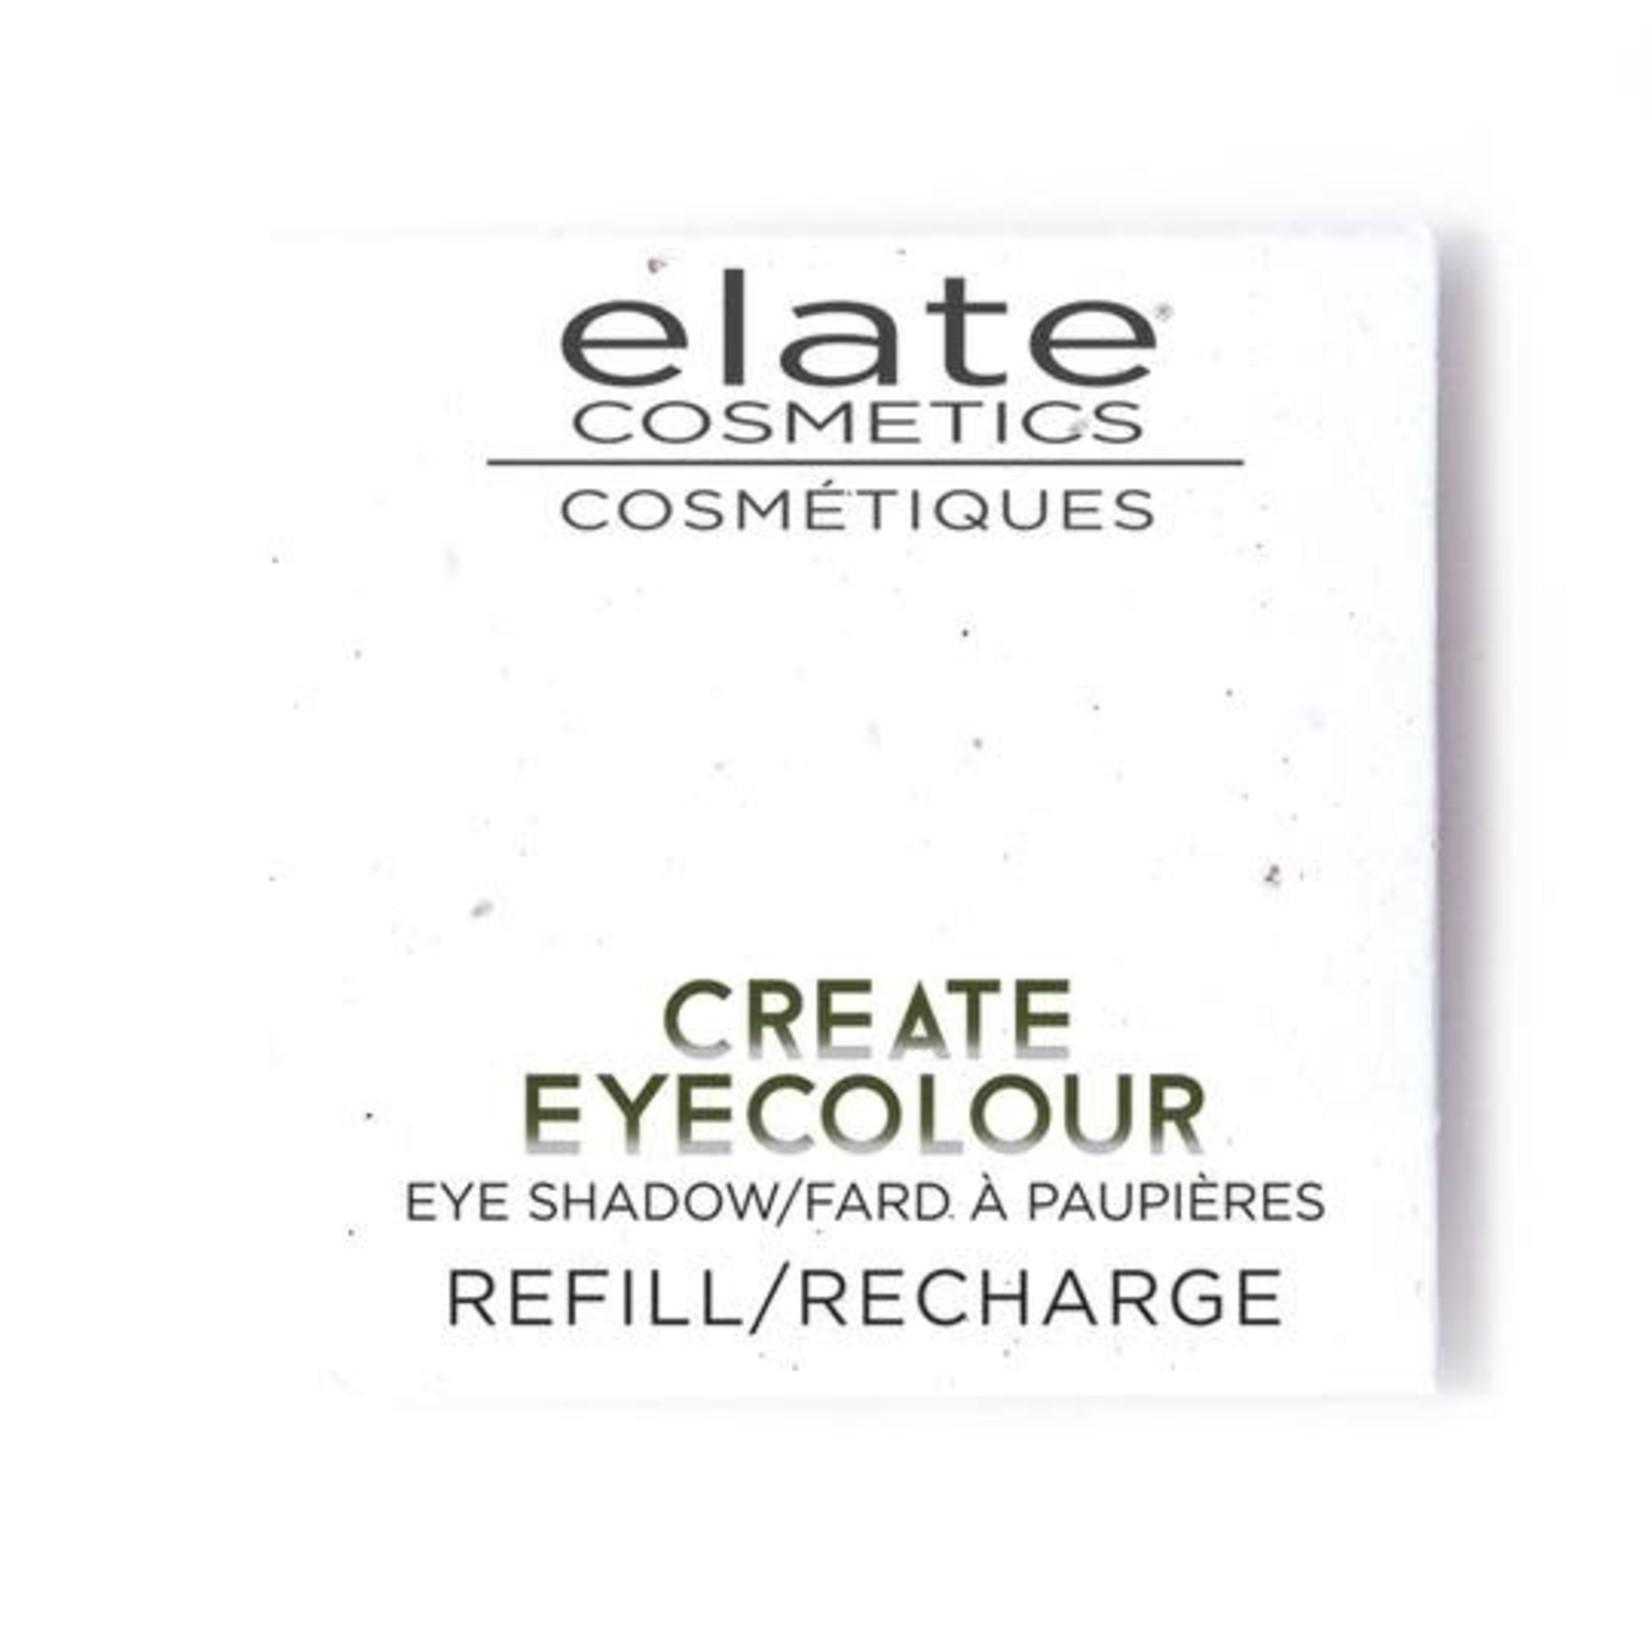 ELATE COSMETICS PRESSED EYECOLOUR - MODISH